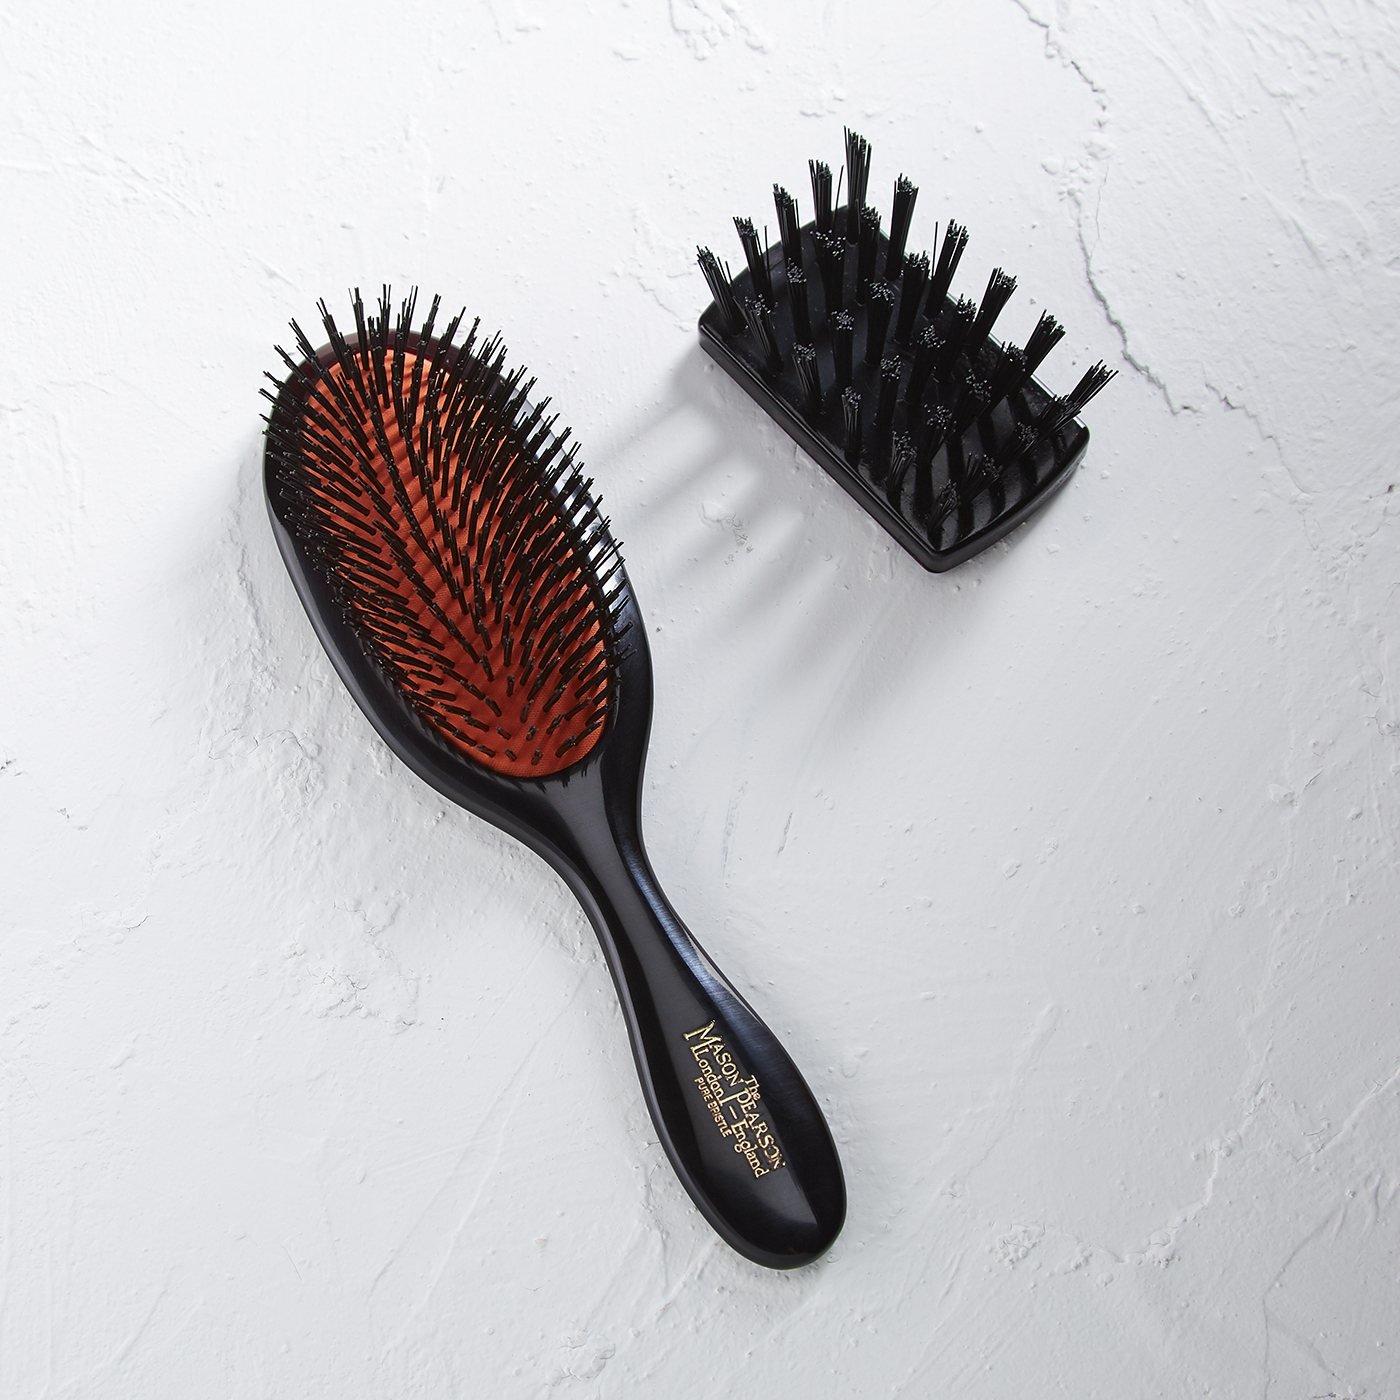 MASON PEARSON ヘアブラシ ハンディブリッスル〈標準的な猪毛/ふつうの髪用〉